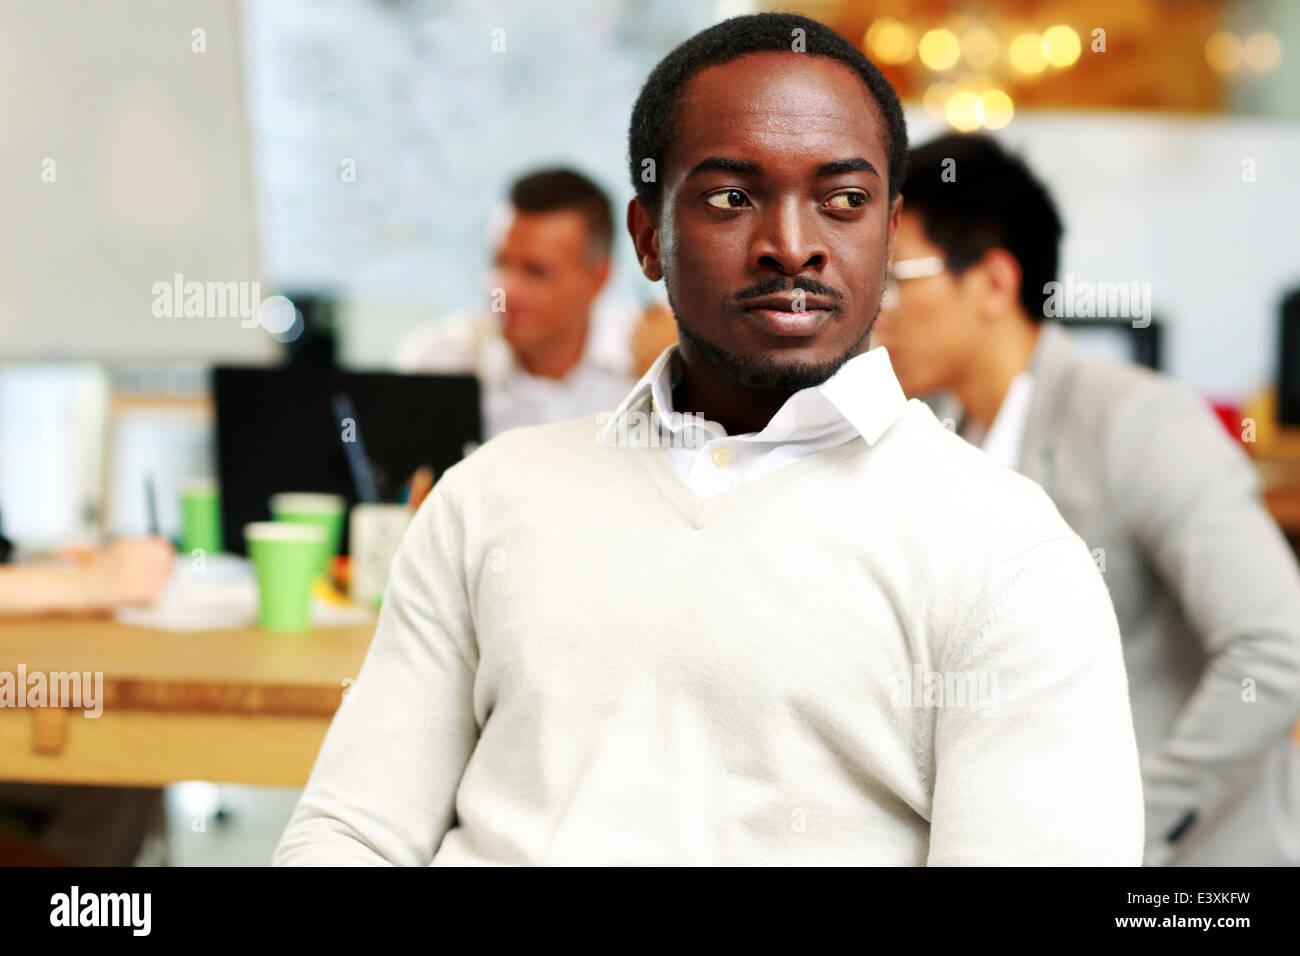 Ritratto di un pensieroso uomo africano che guarda lontano in office Immagini Stock